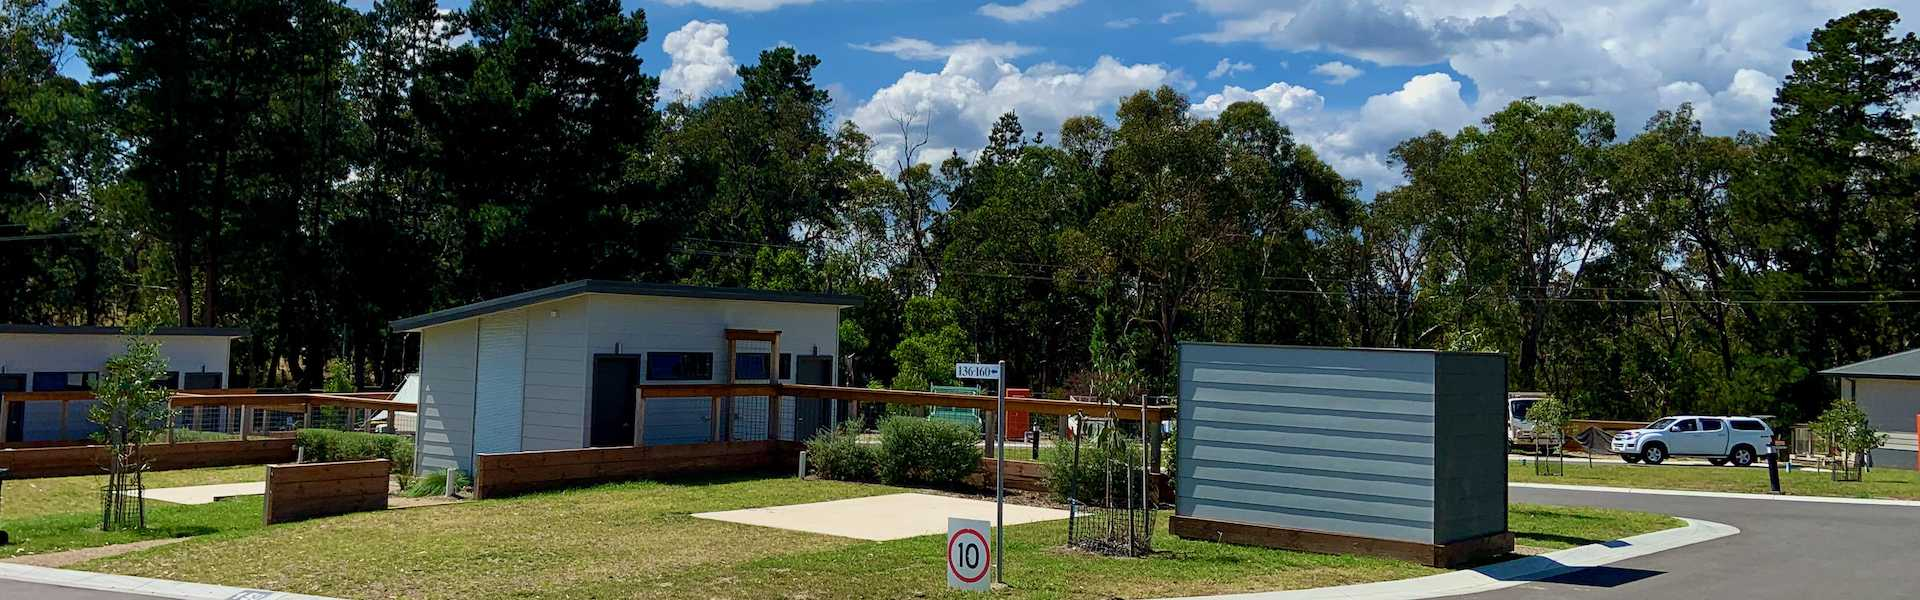 Kui Parks, Lilydale Pine Hill Caravan Park, En-suite sites